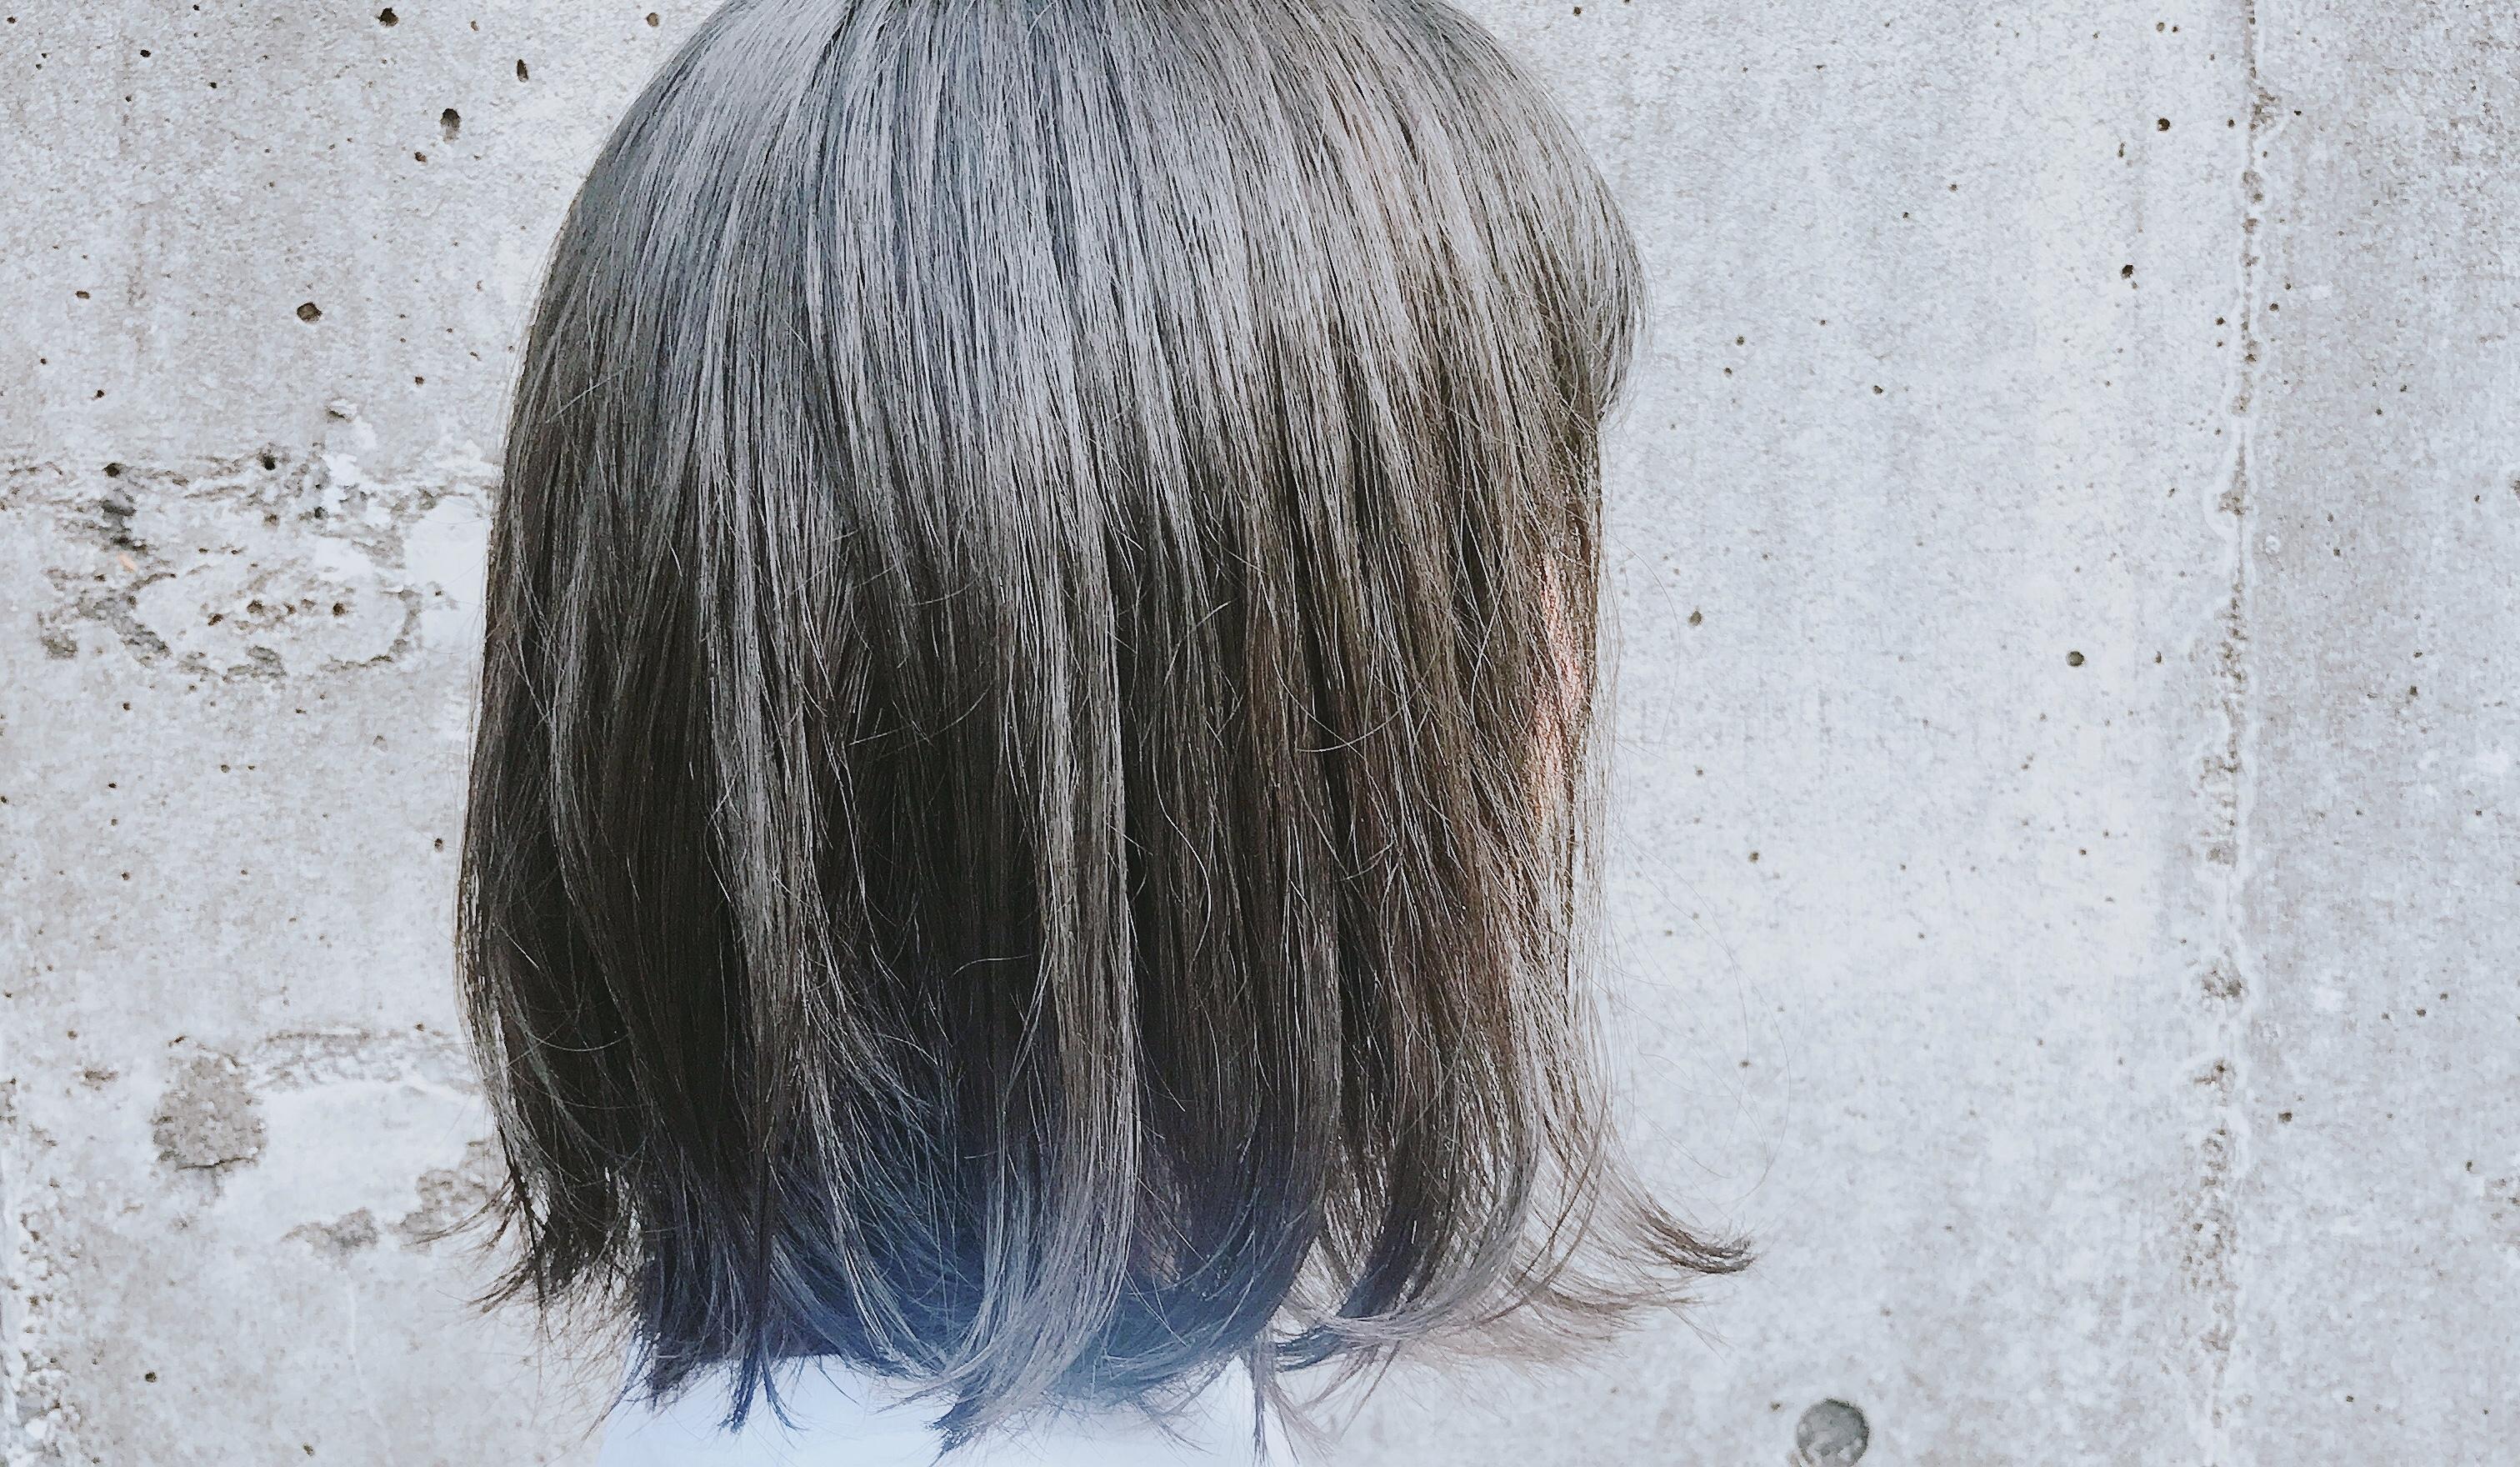 皆んなが好きな暗いけど透明感のある髪色の正体。